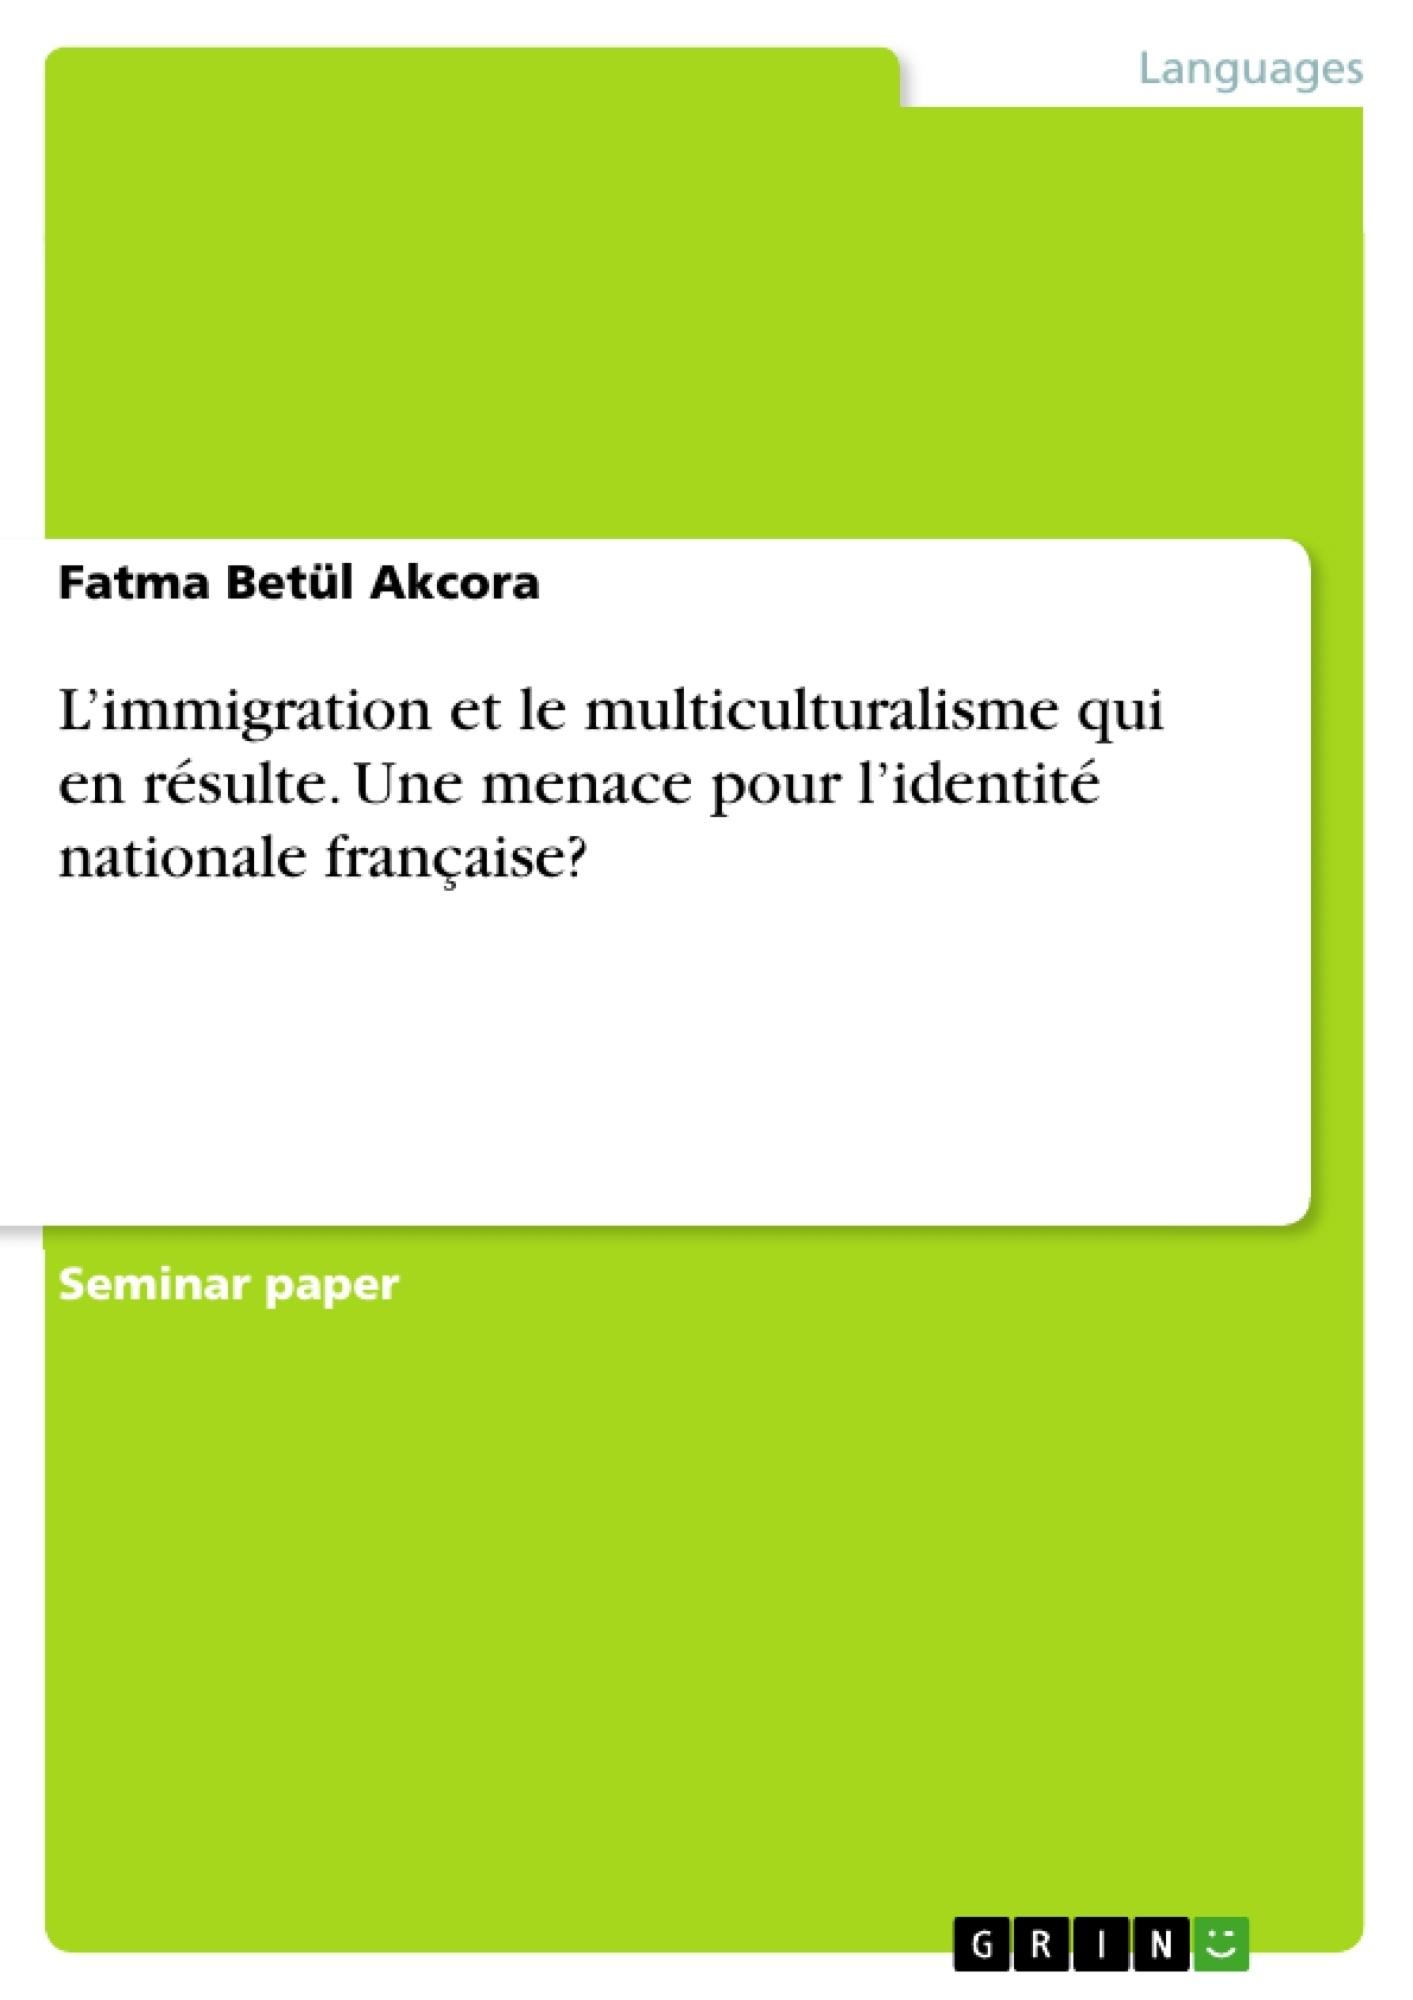 Titre: L'immigration et le multiculturalisme qui en résulte. Une menace pour l'identité nationale française?